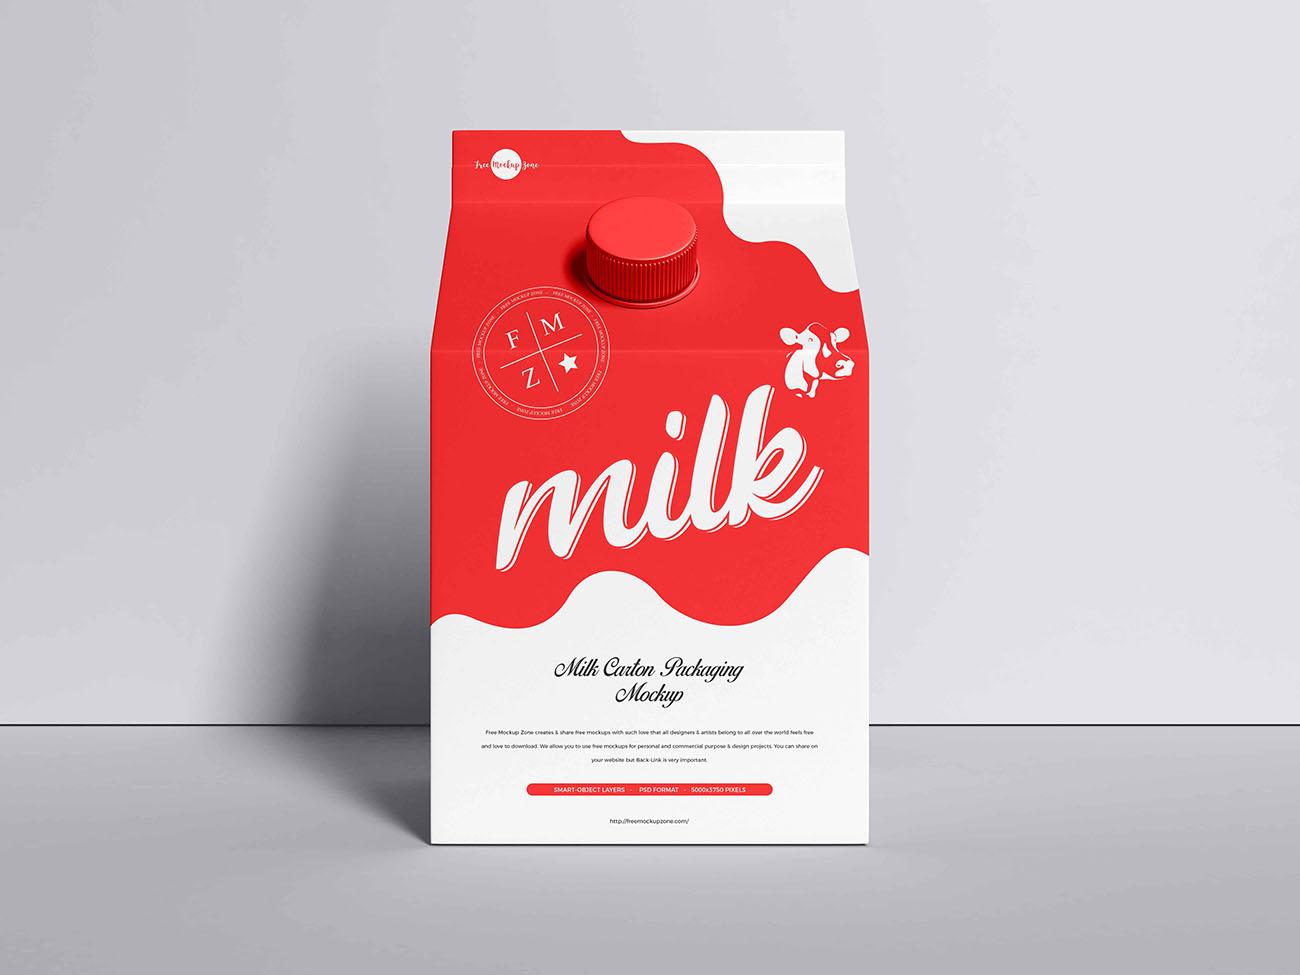 牛奶盒样机模型模板PSD源文件插图